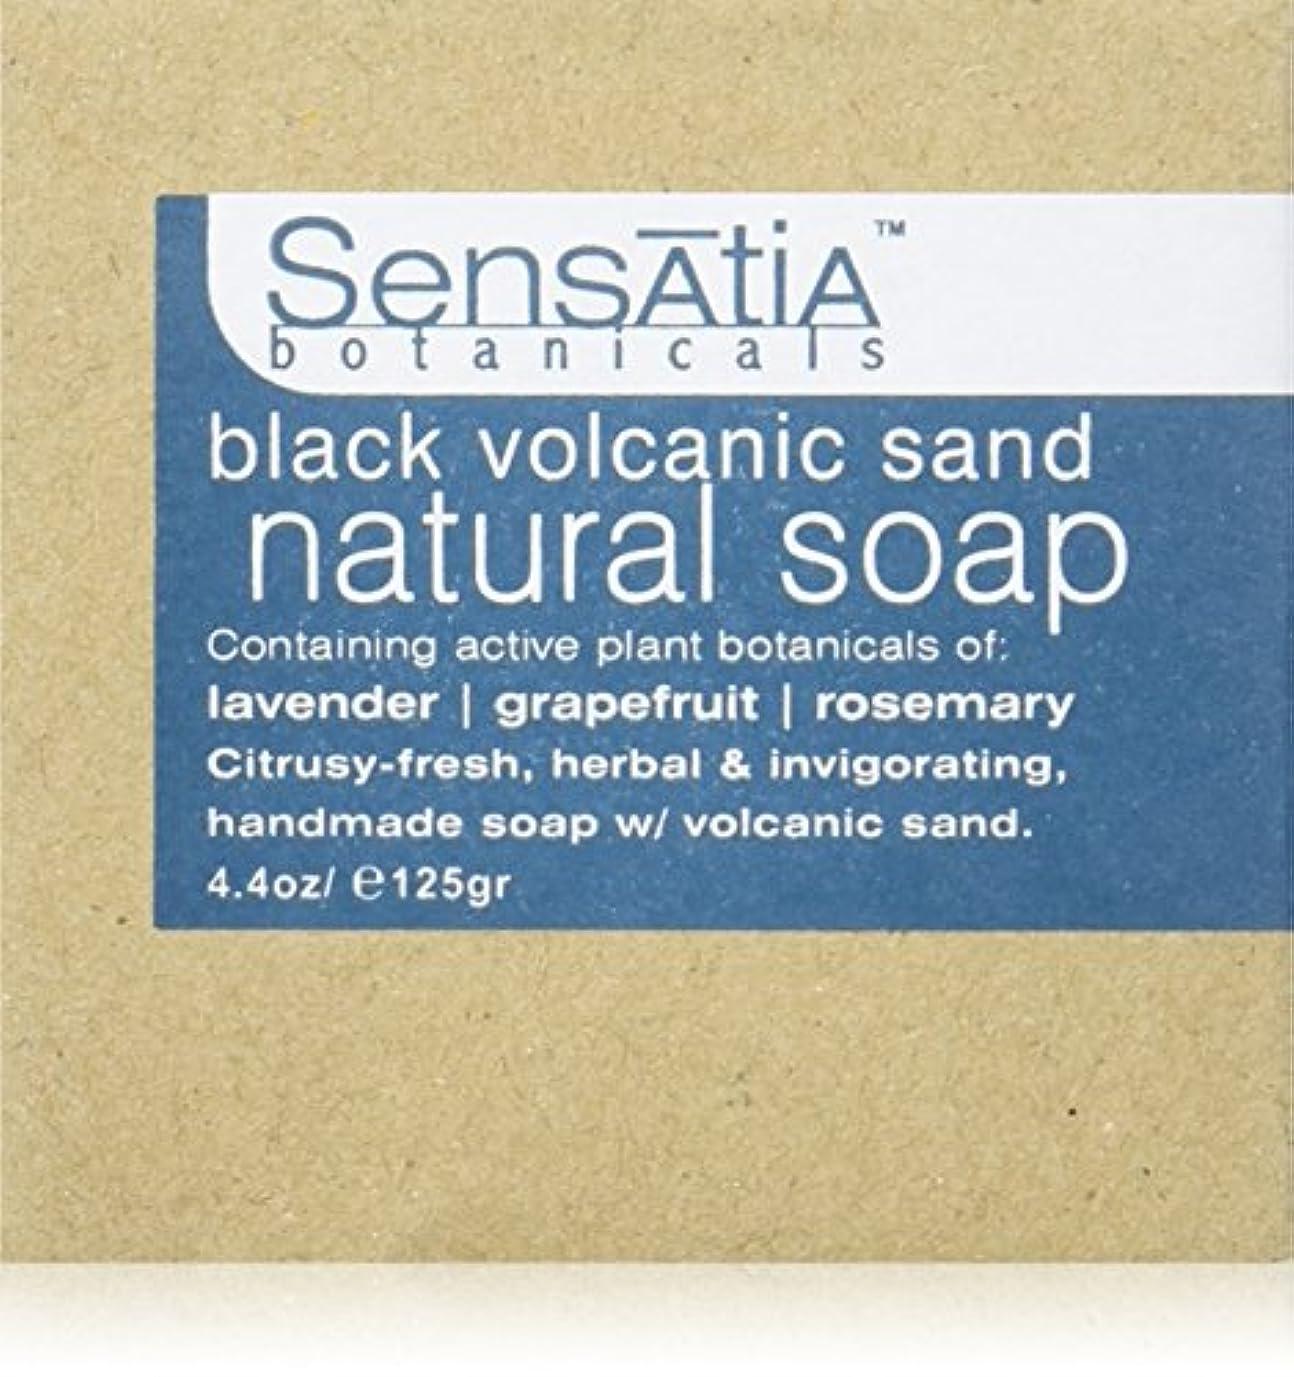 アンプ想像力限りなくSensatia(センセイシャ) フレーバーソープ ブラックボルカニックサンド 125g